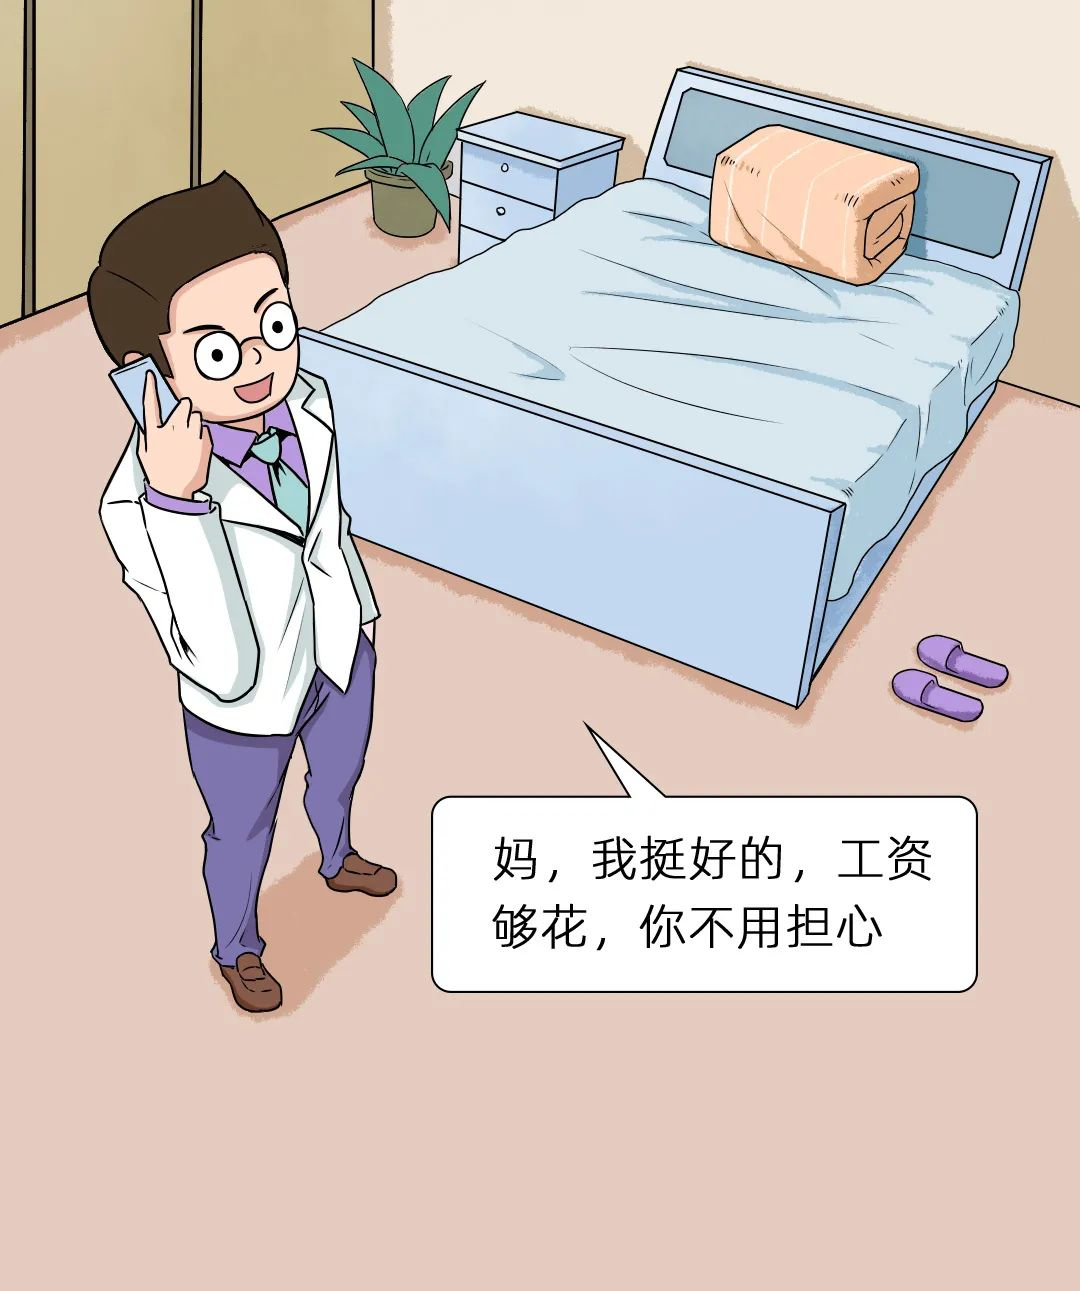 新东方家庭教育